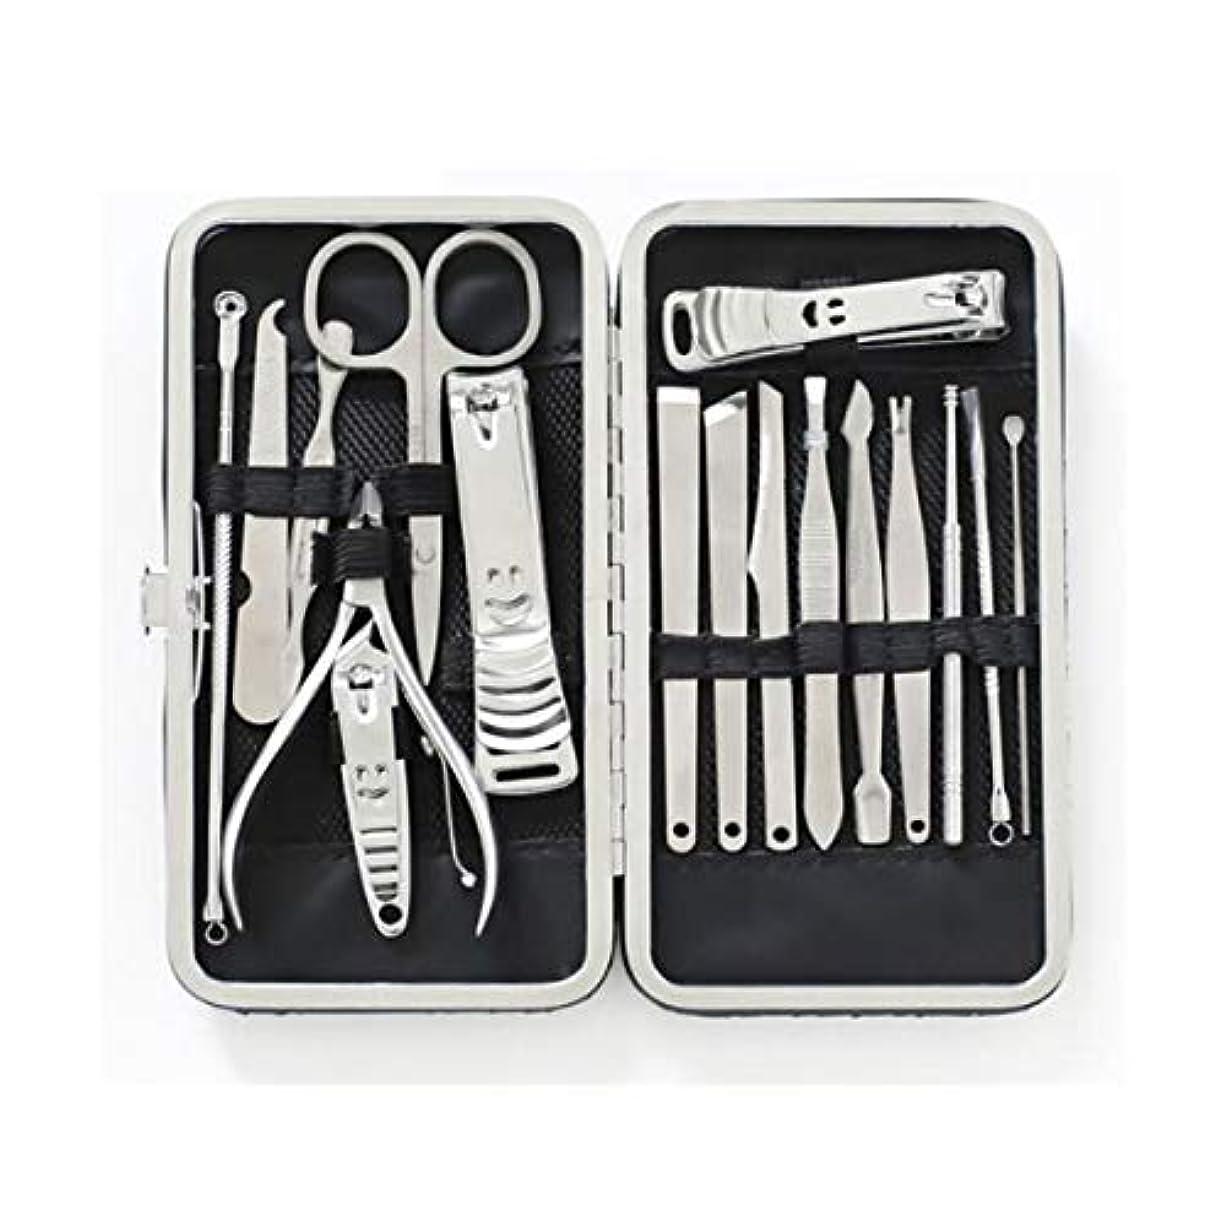 ローン真剣にマウントバンクTUOFL マニキュアセット、爪切り、爪切り、ステンレス鋼、マニキュアツール、家庭用、最高の贈り物 (Color : Silver)